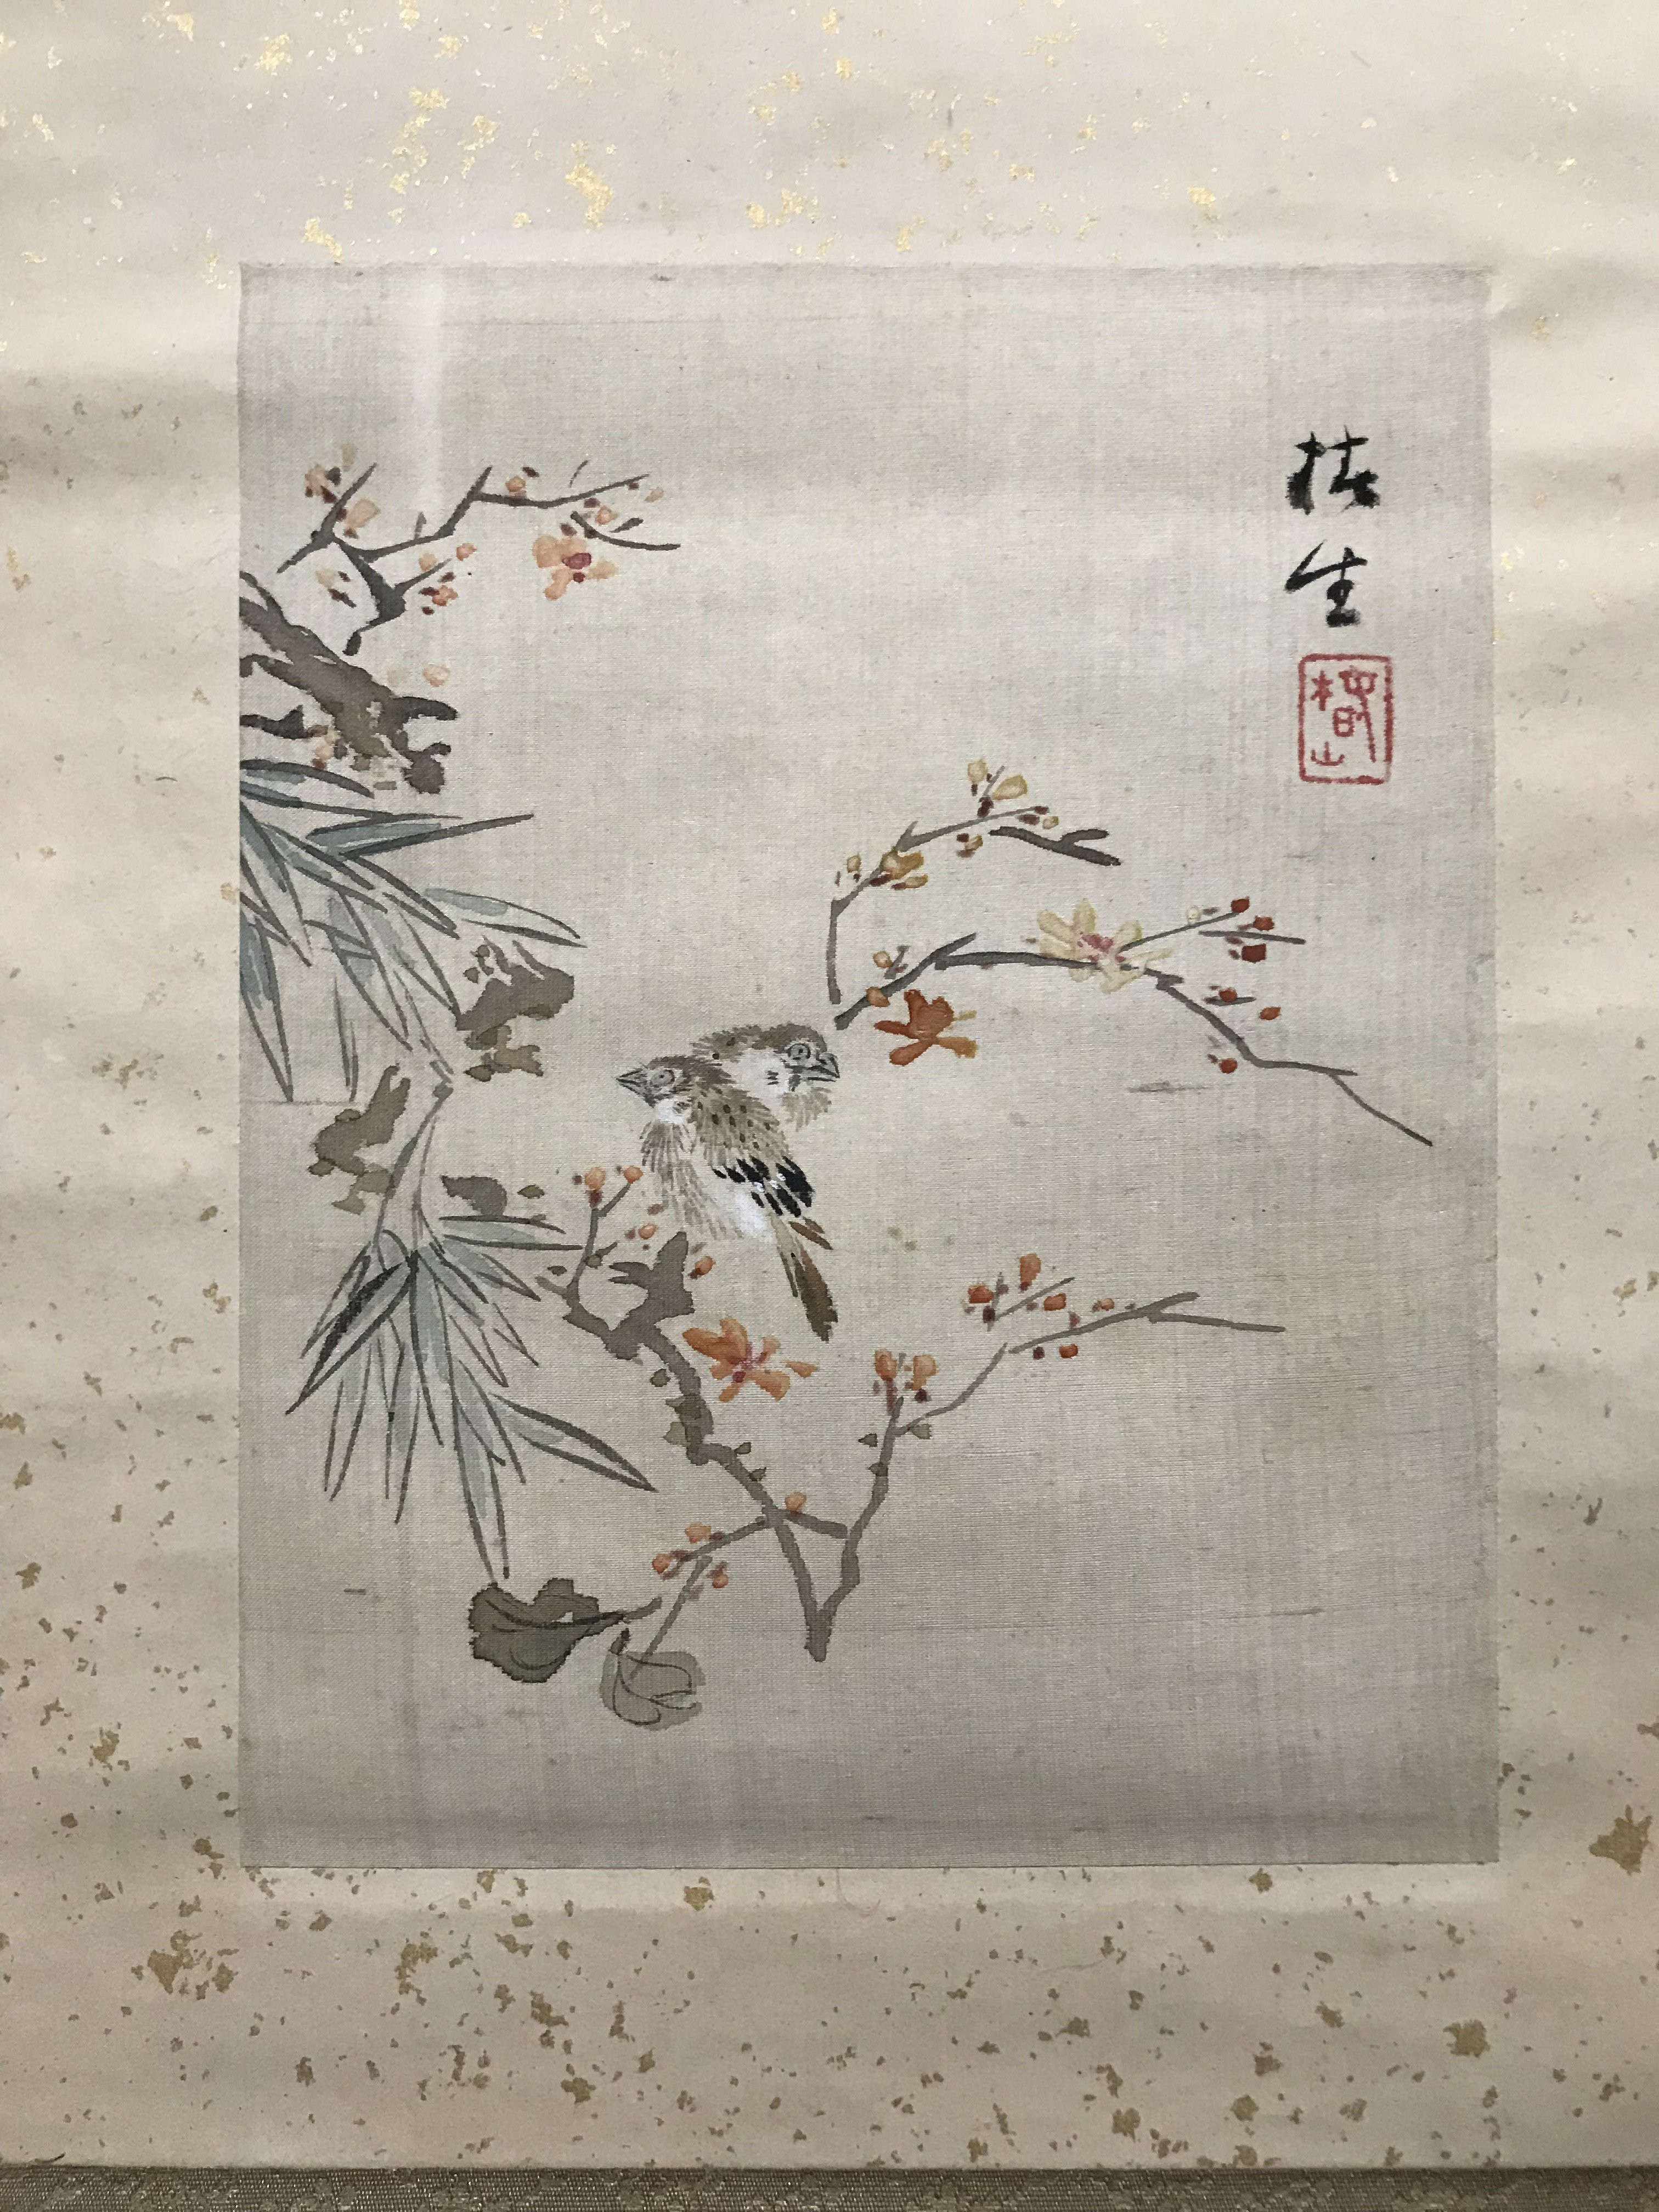 椿椿山 筆 梅竹小禽図